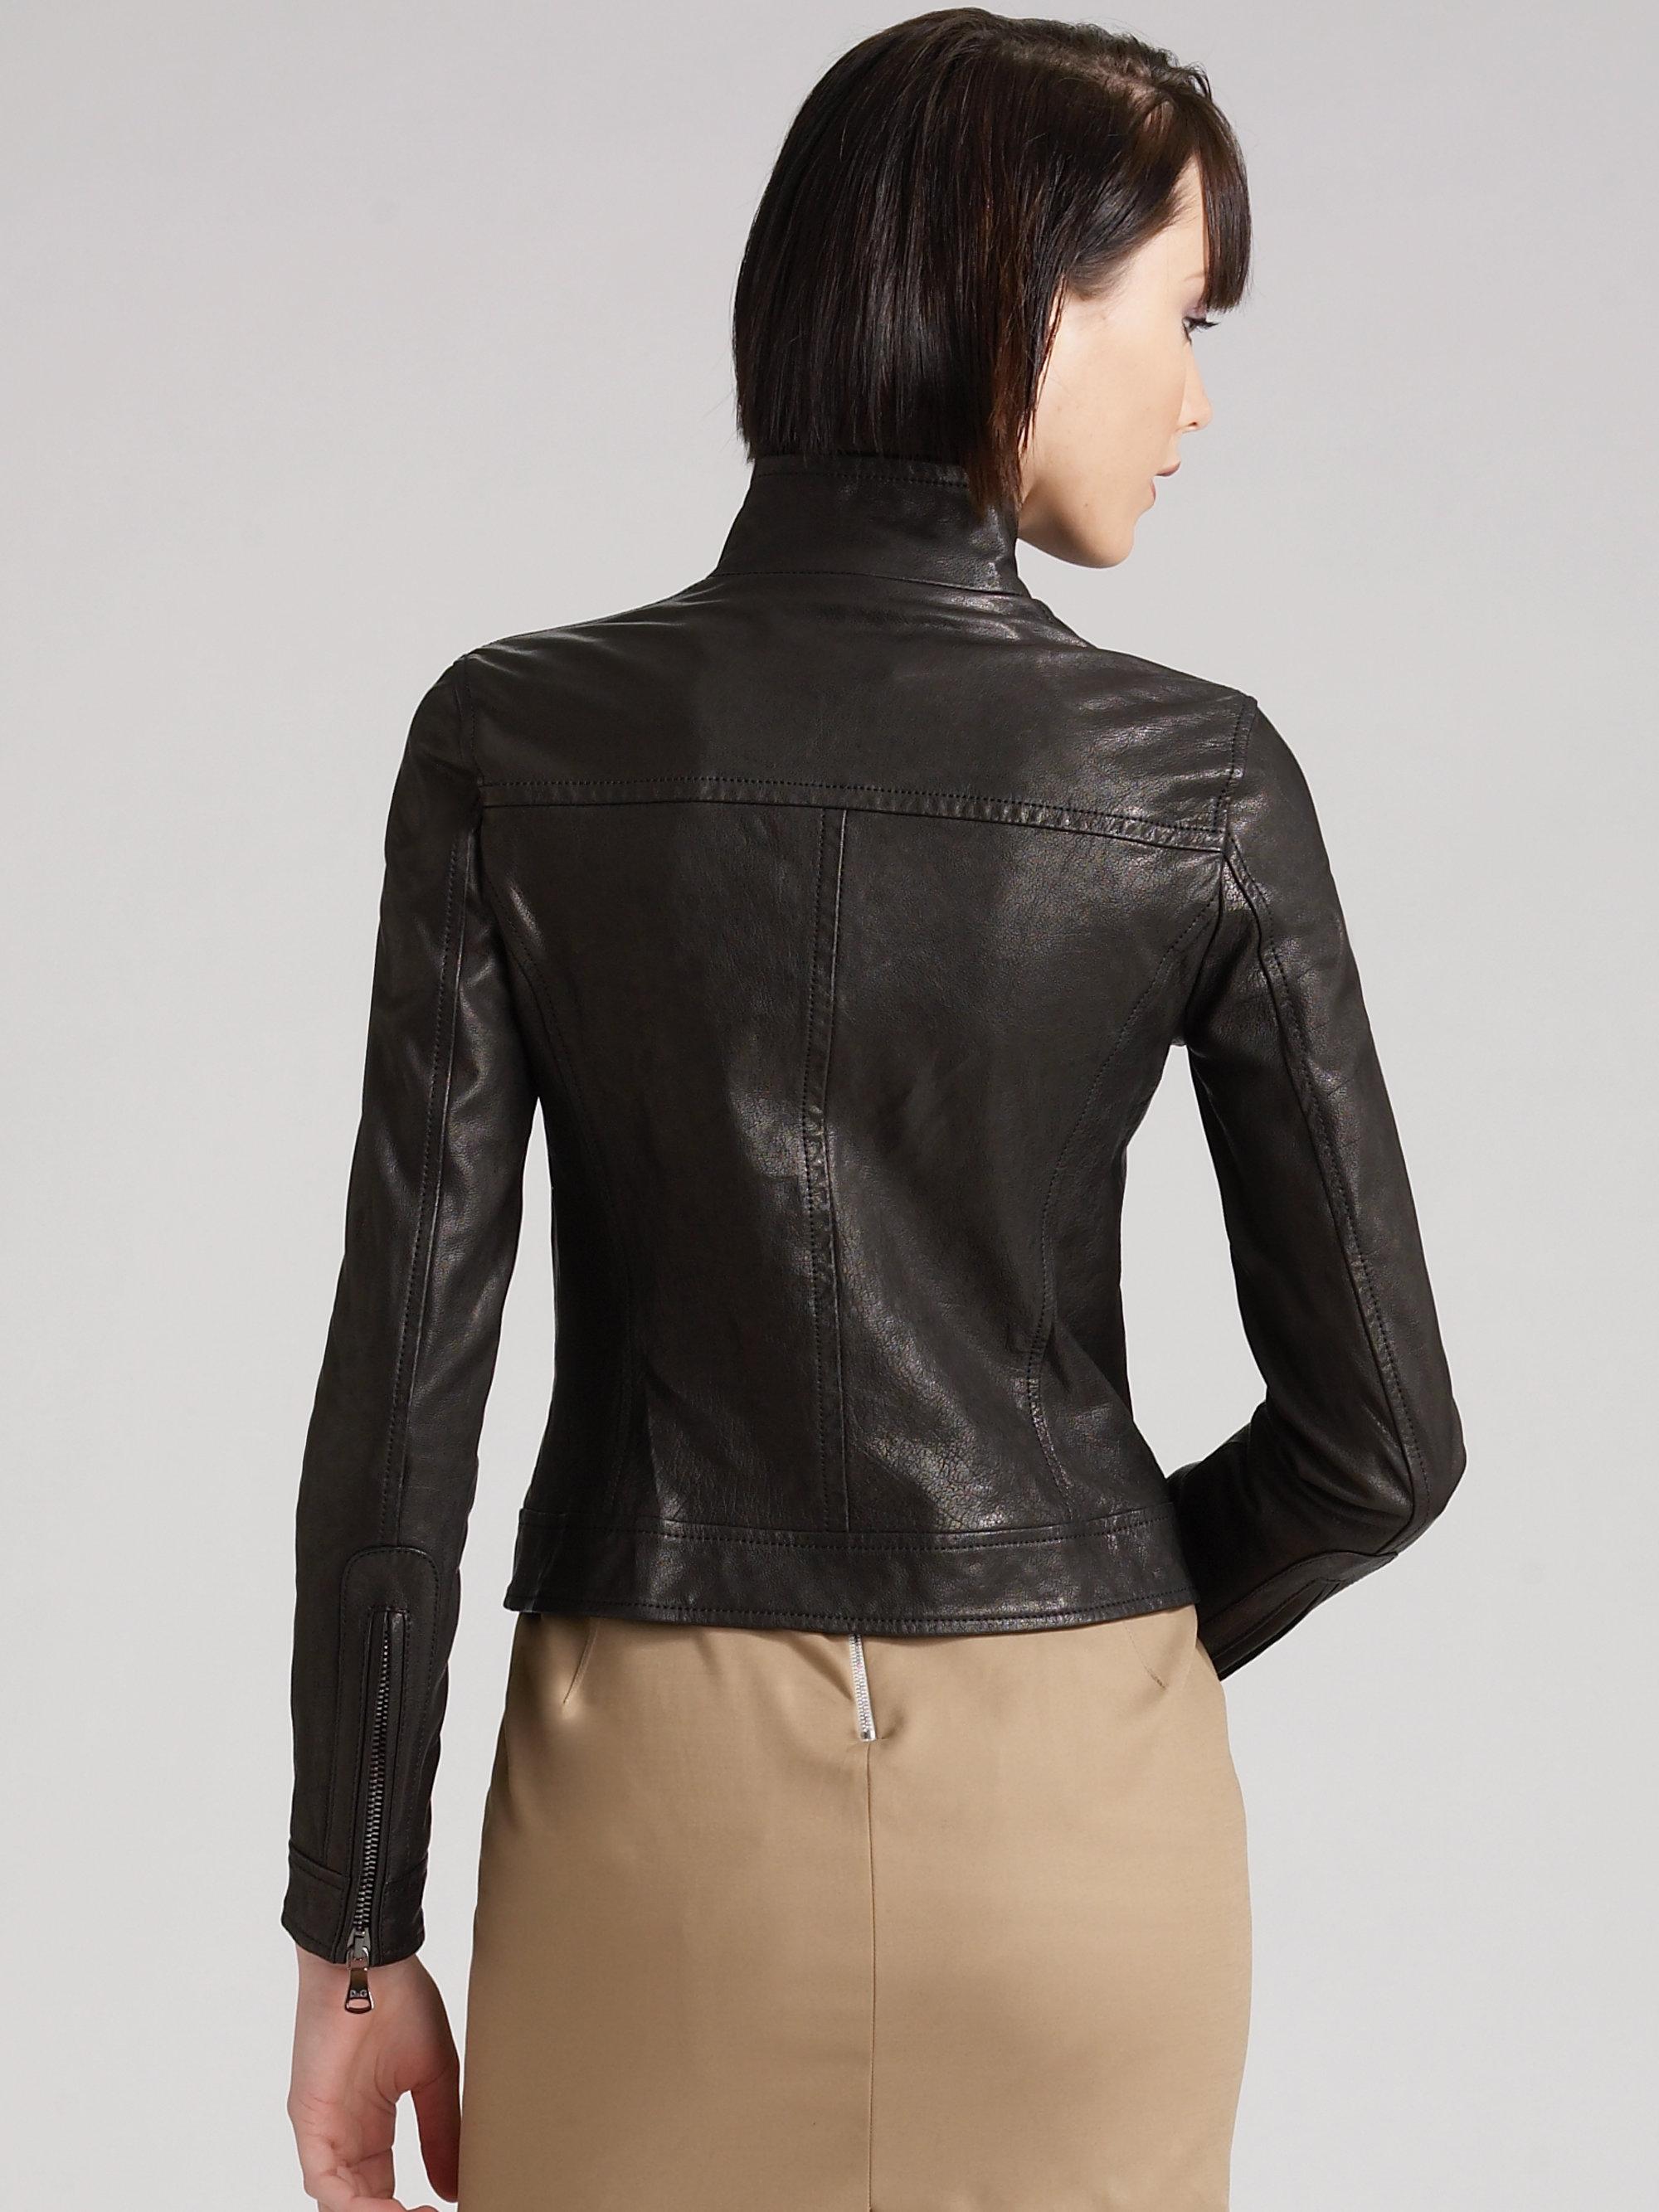 Cropped leather bomber jacket